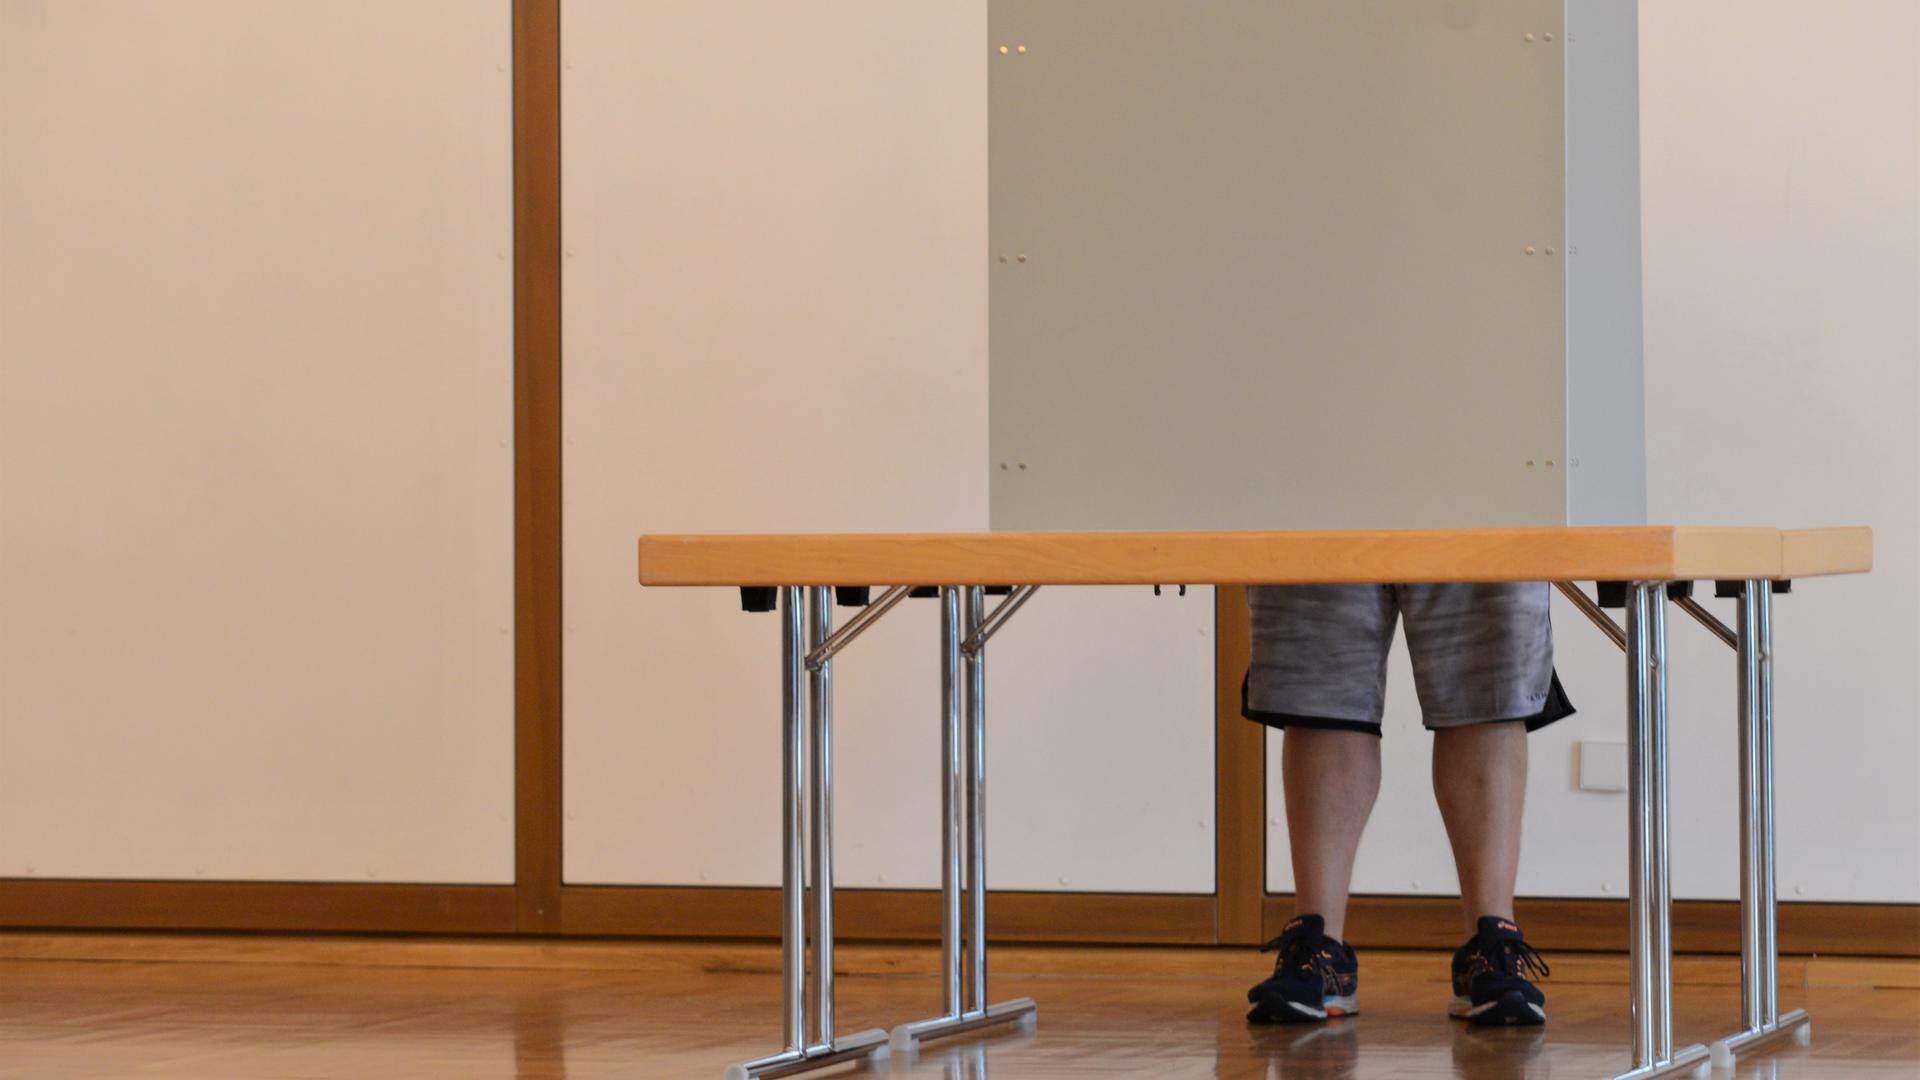 Wahl Rathaus Achern 26.09